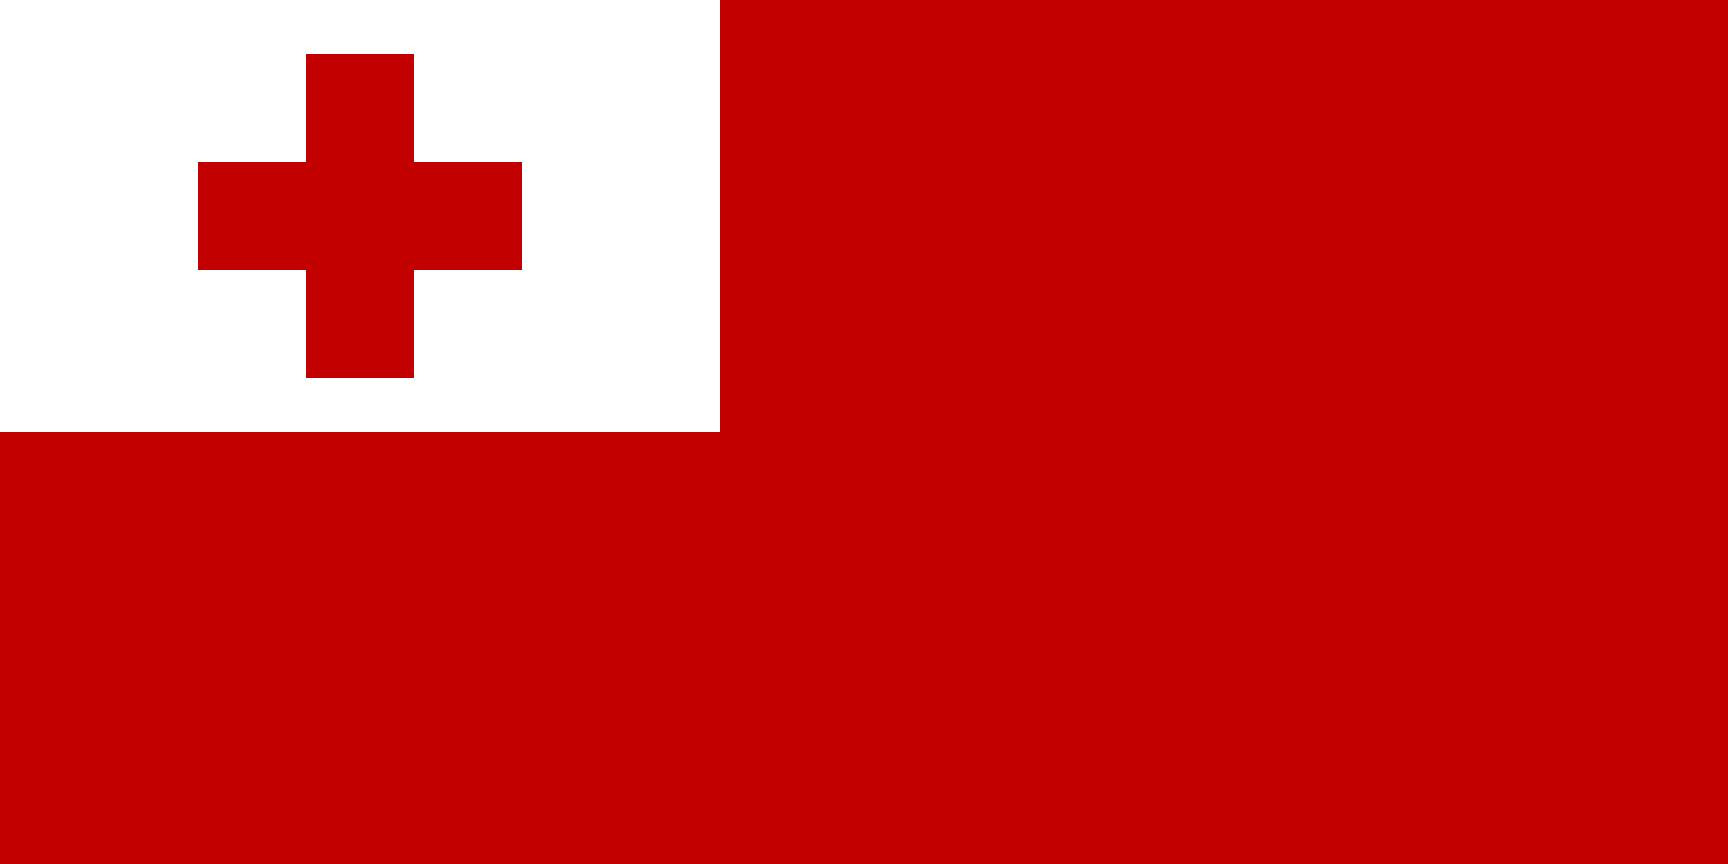 Flagge im Querformat Land Tonga 150x100 cm